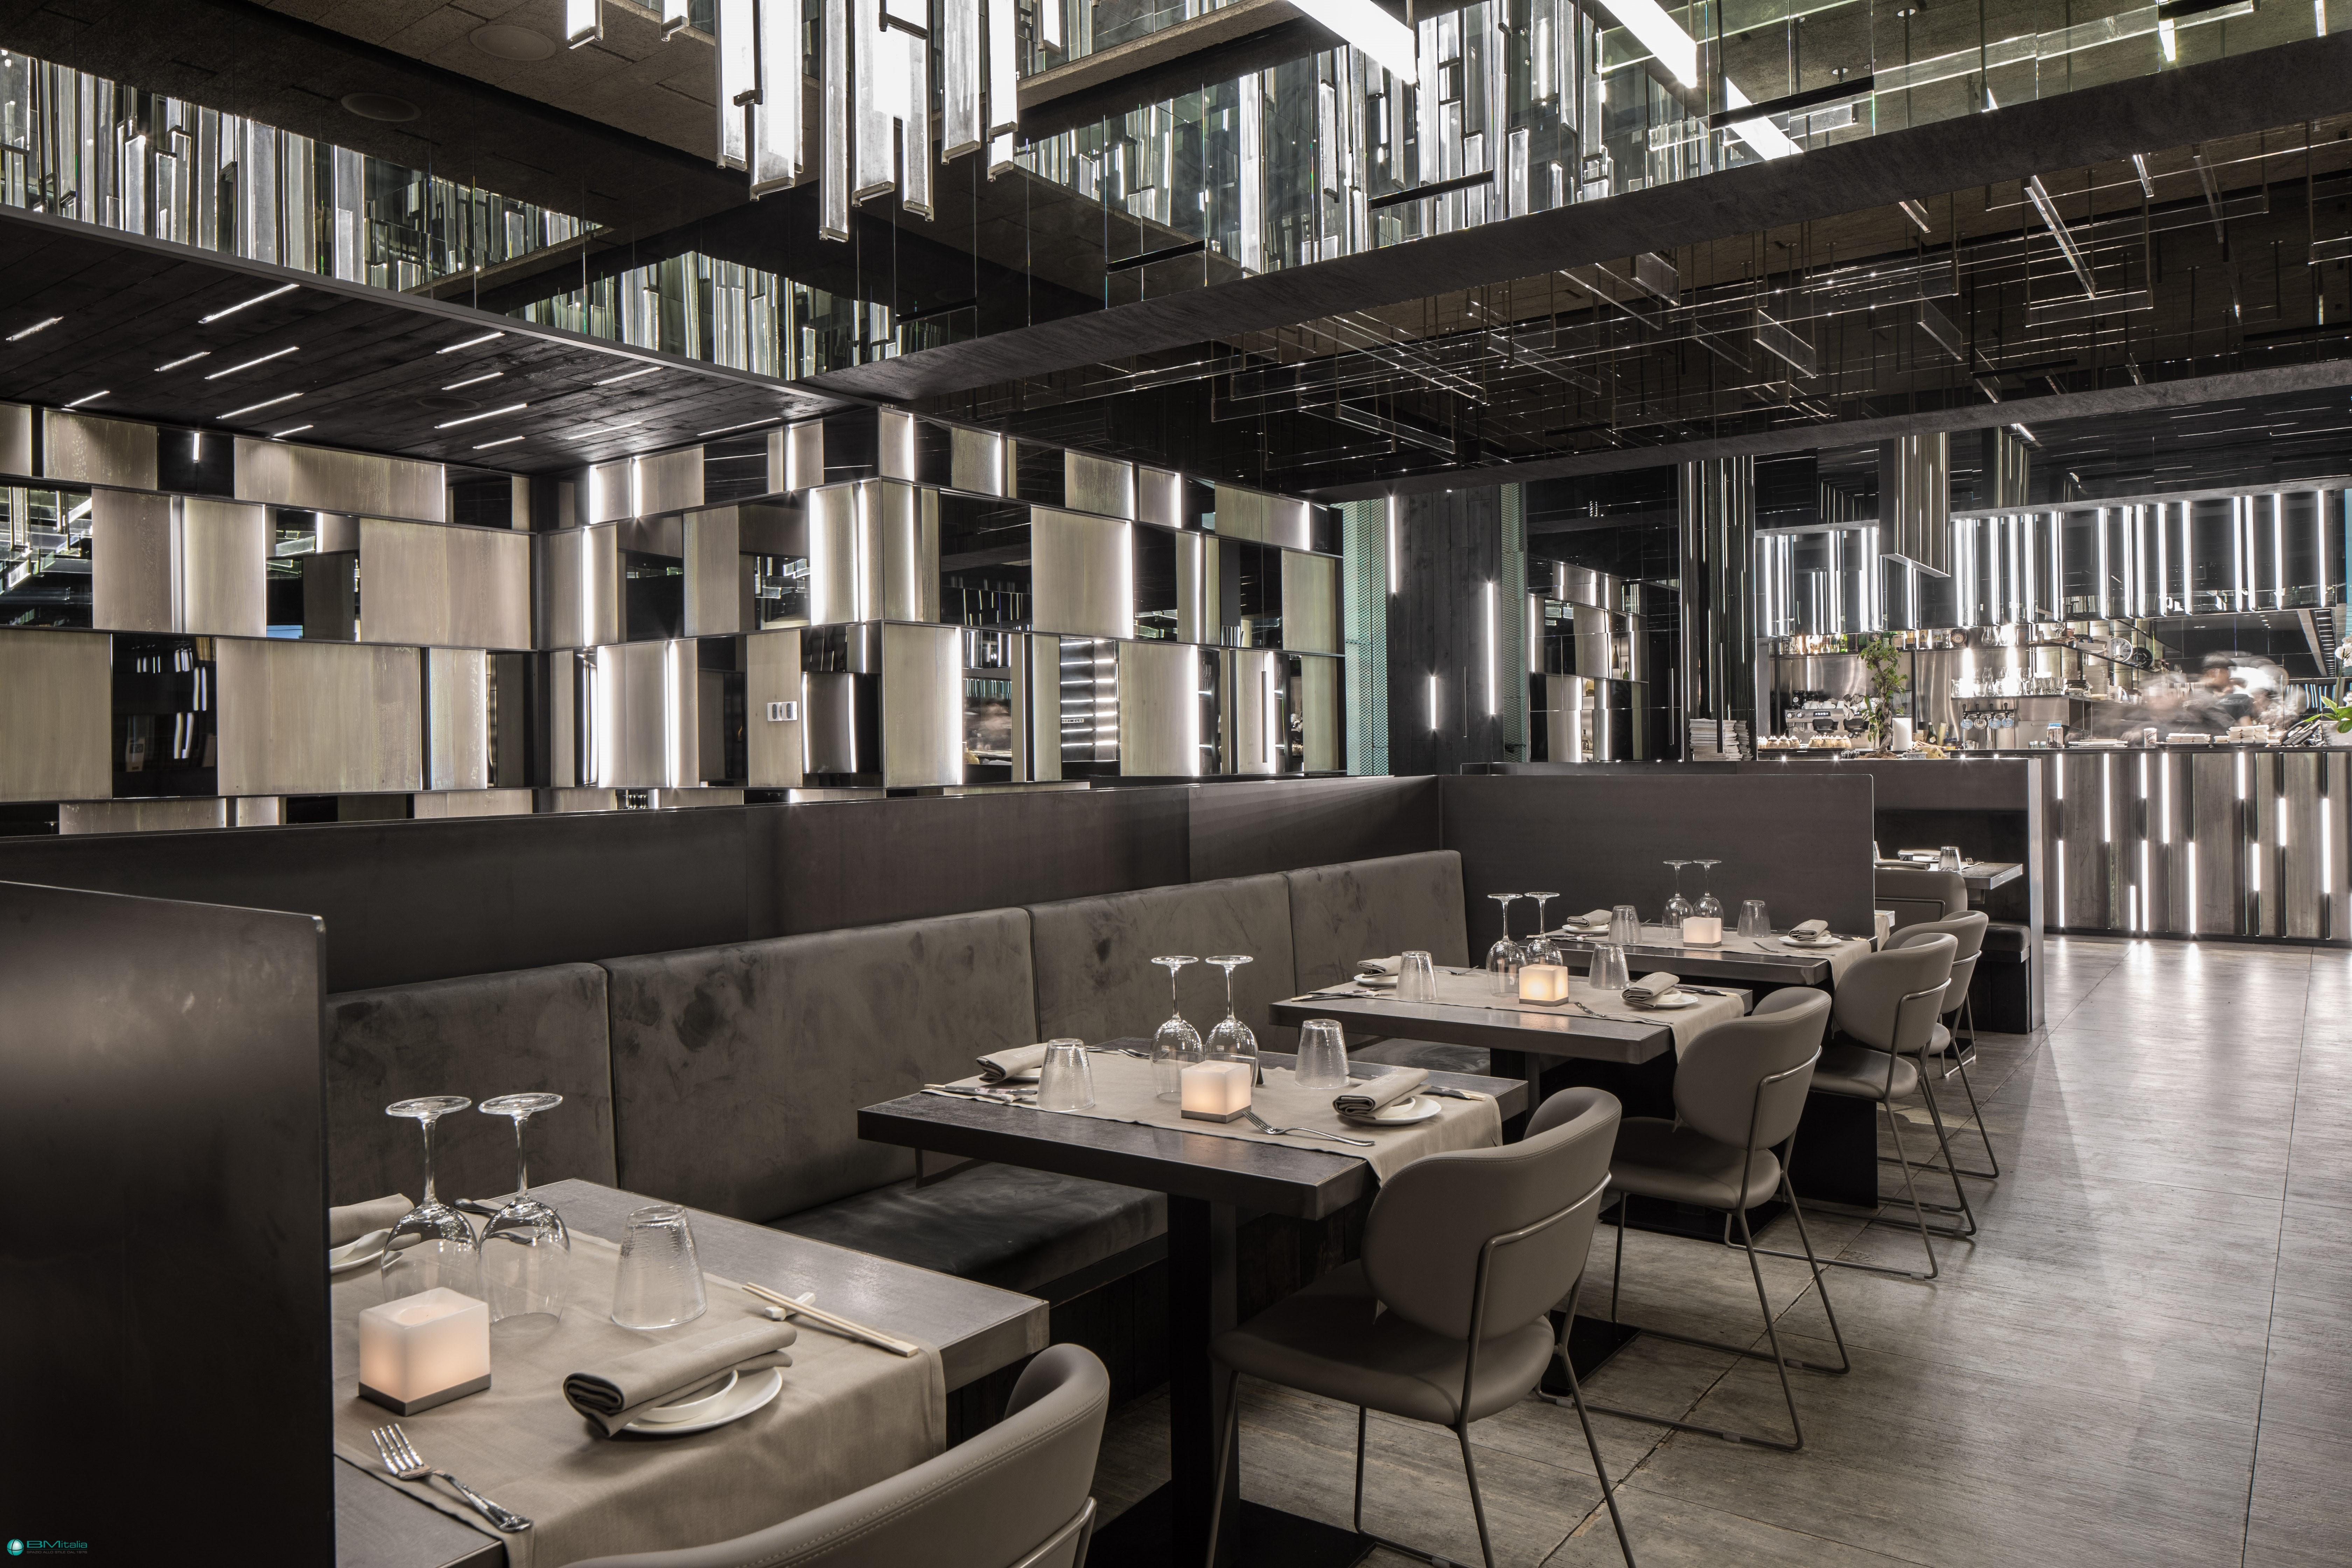 Arredamenti per ristoranti sushi restaurant bar for Arredamenti ristoranti moderni